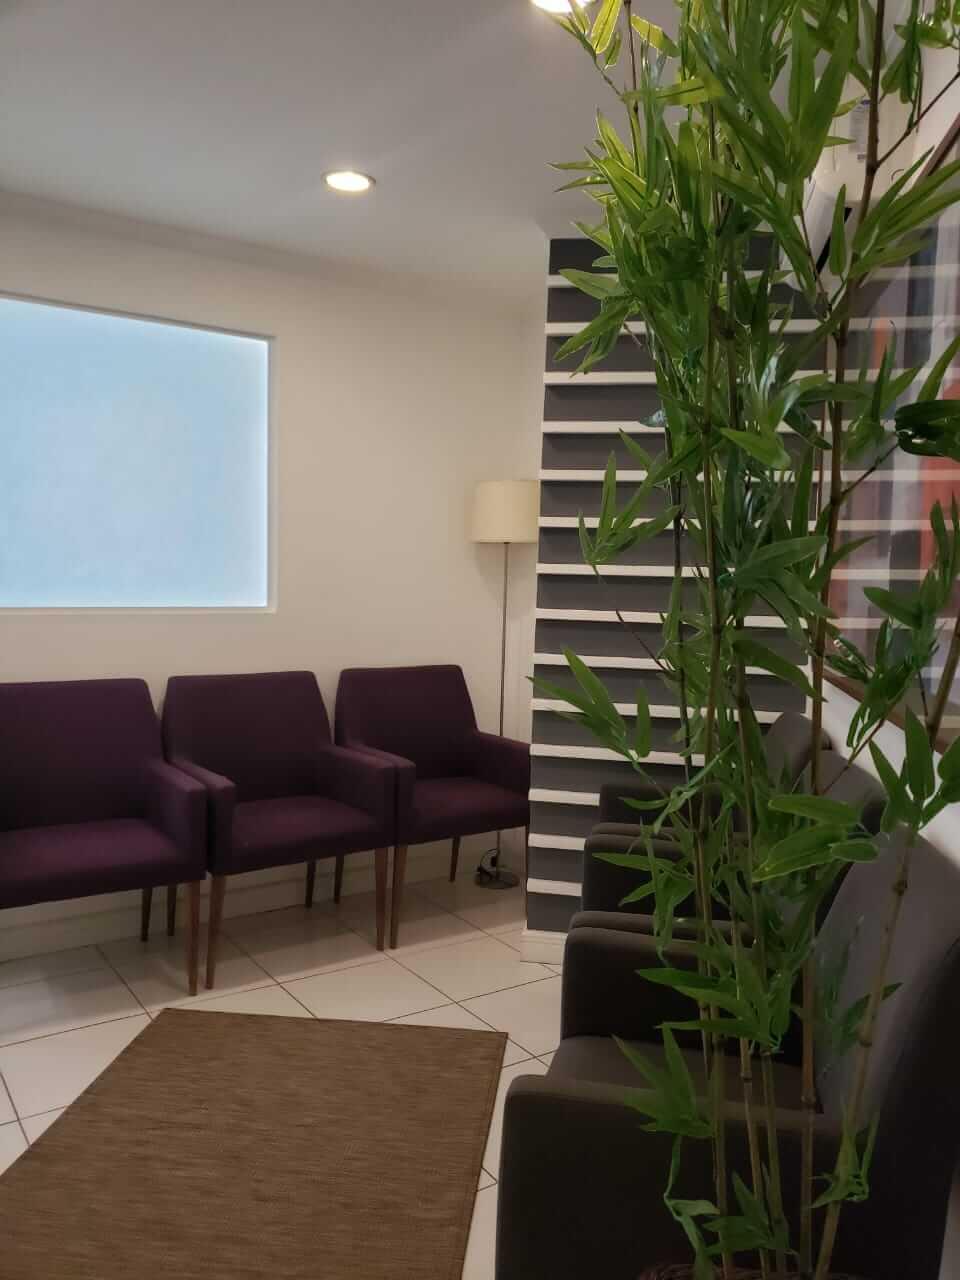 Sala de espera do Consultório de Paula Machado - Higianópolis